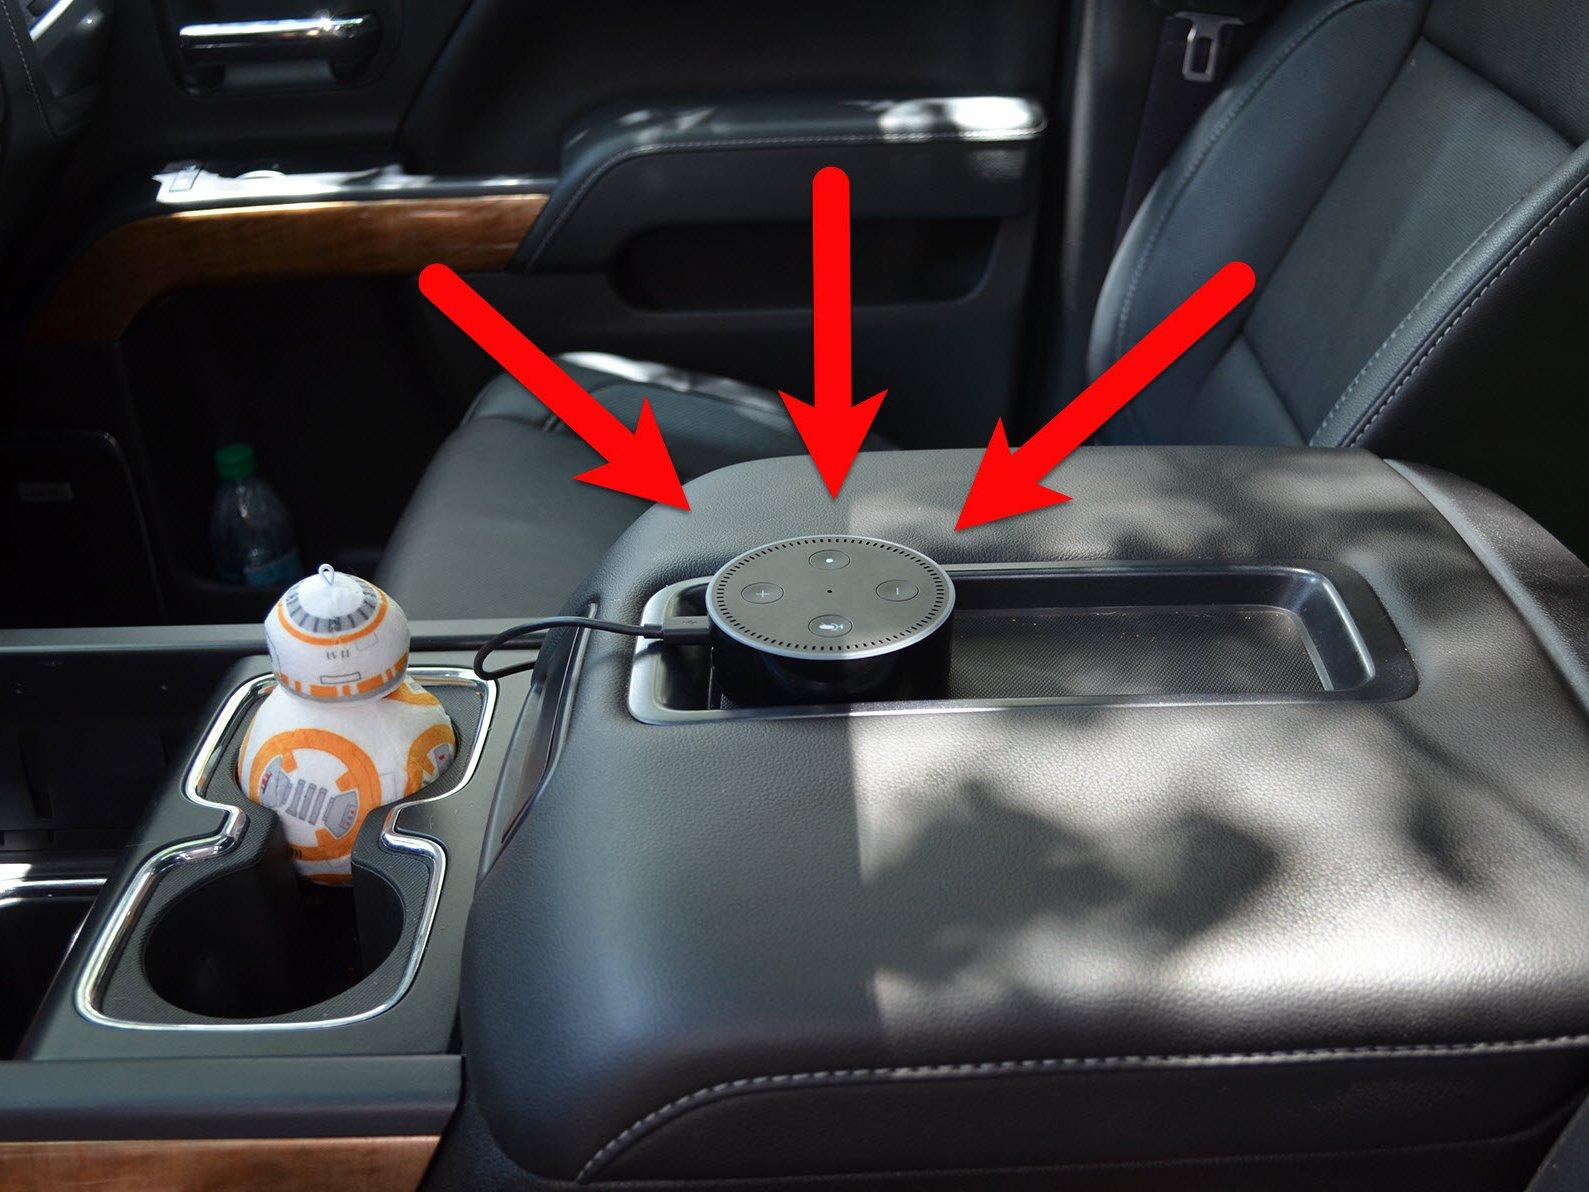 Instala un Amazon Echo en el coche y... ¡es genial!